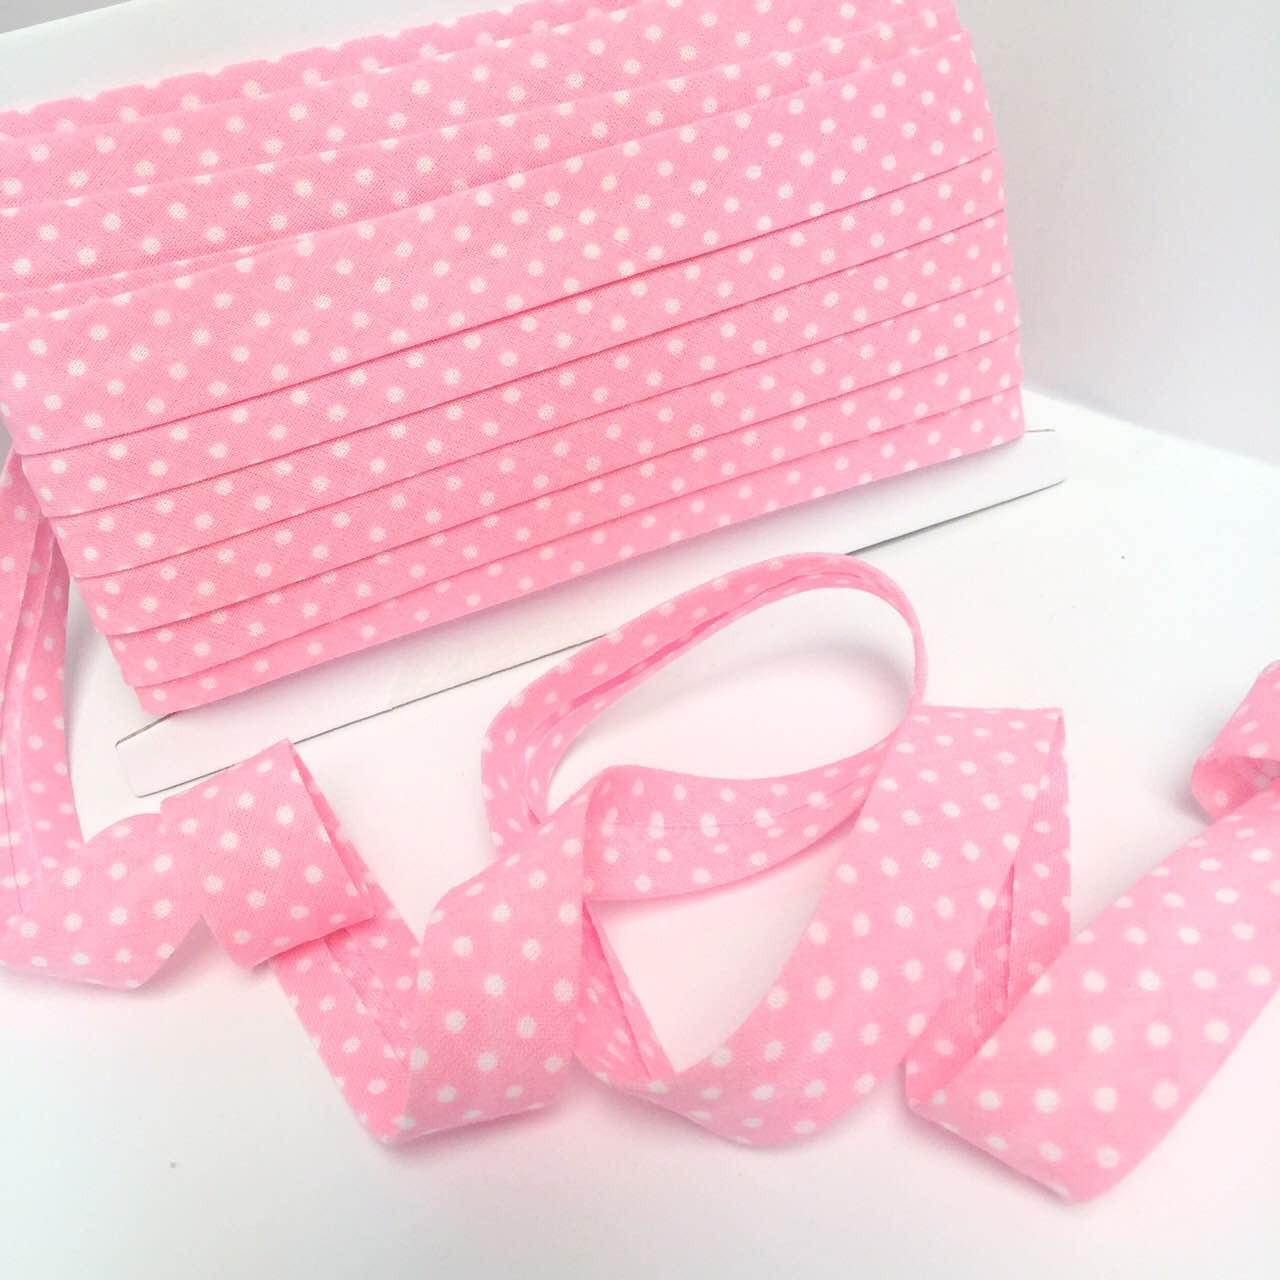 Хлопковая косая бейка с  белым горох 3 мм  на розовом фоне № КБ-221